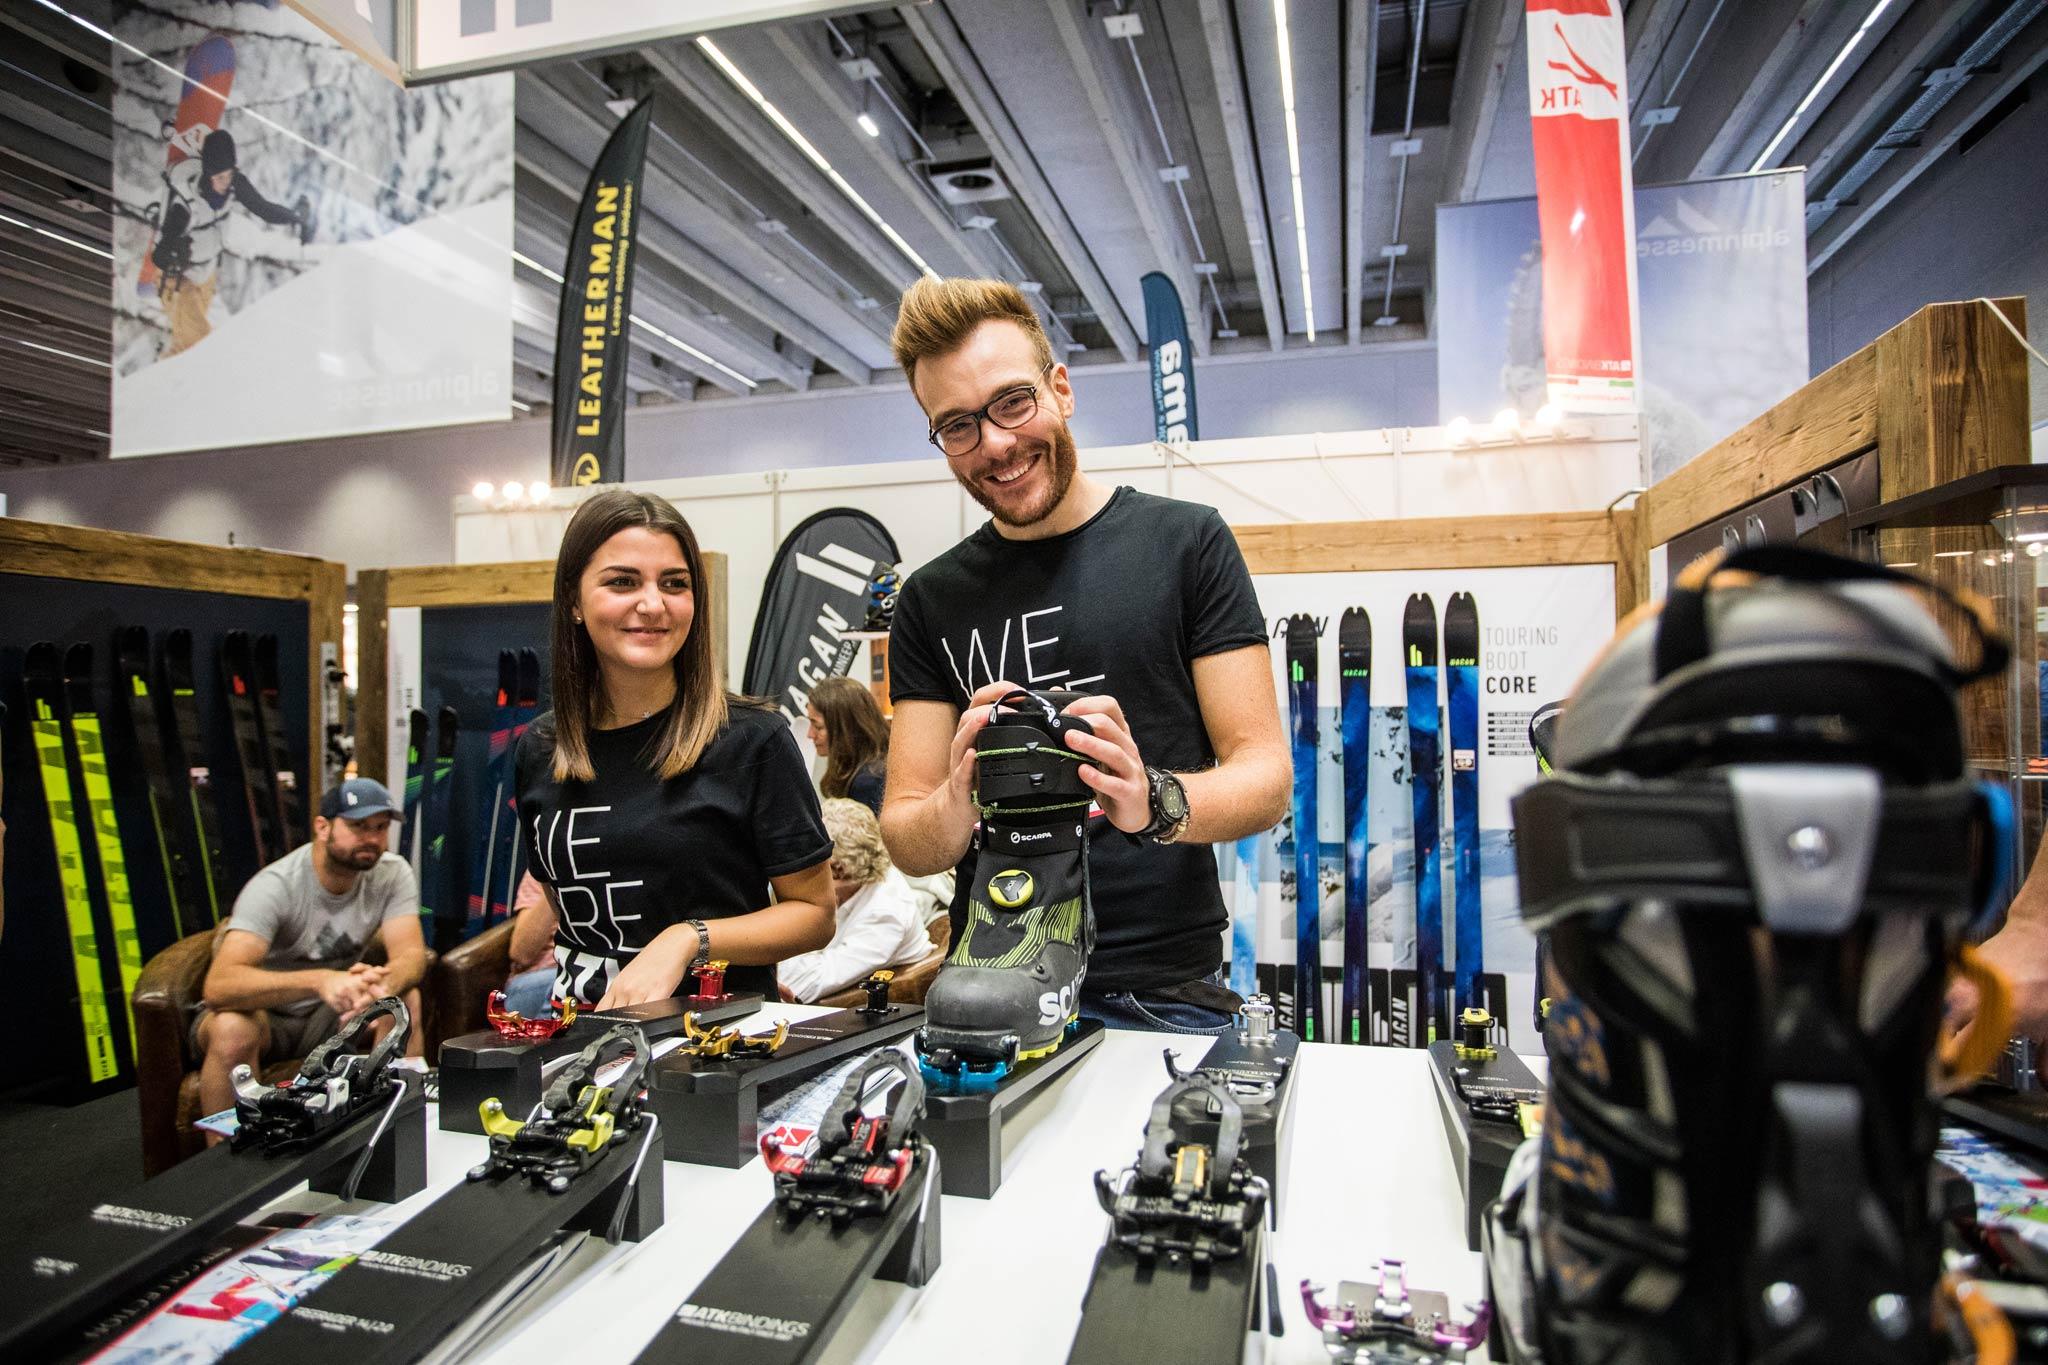 Die Bandbreite der Sportarten auf der Alpinmesse ist mittlerweile sehr hoch und umfasst viele Bereiche der Outdoor-Industrie - Foto: Simon Rainer